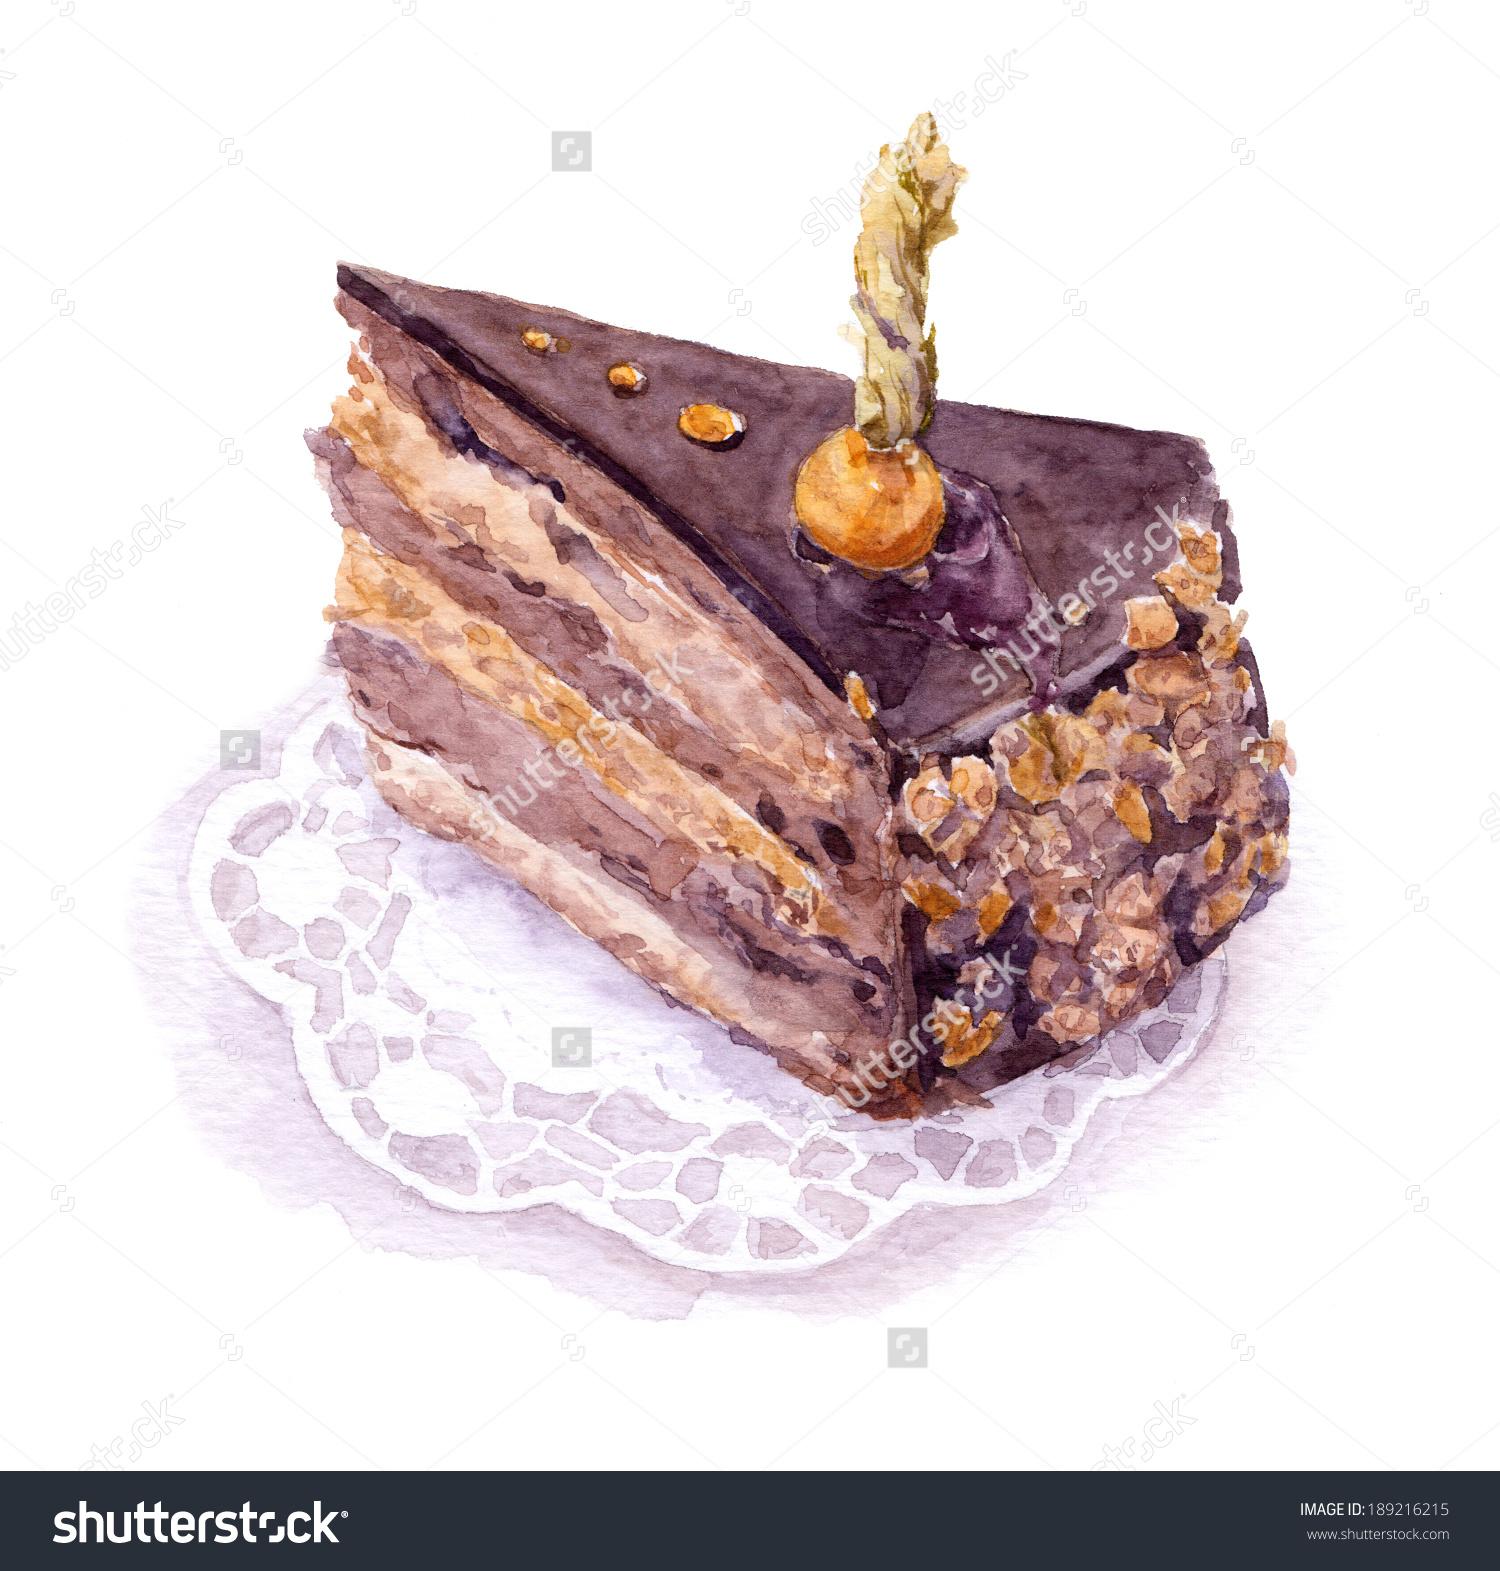 Chocolatepraline Layered Cake Groundcherry Berry Watercolor Stock.